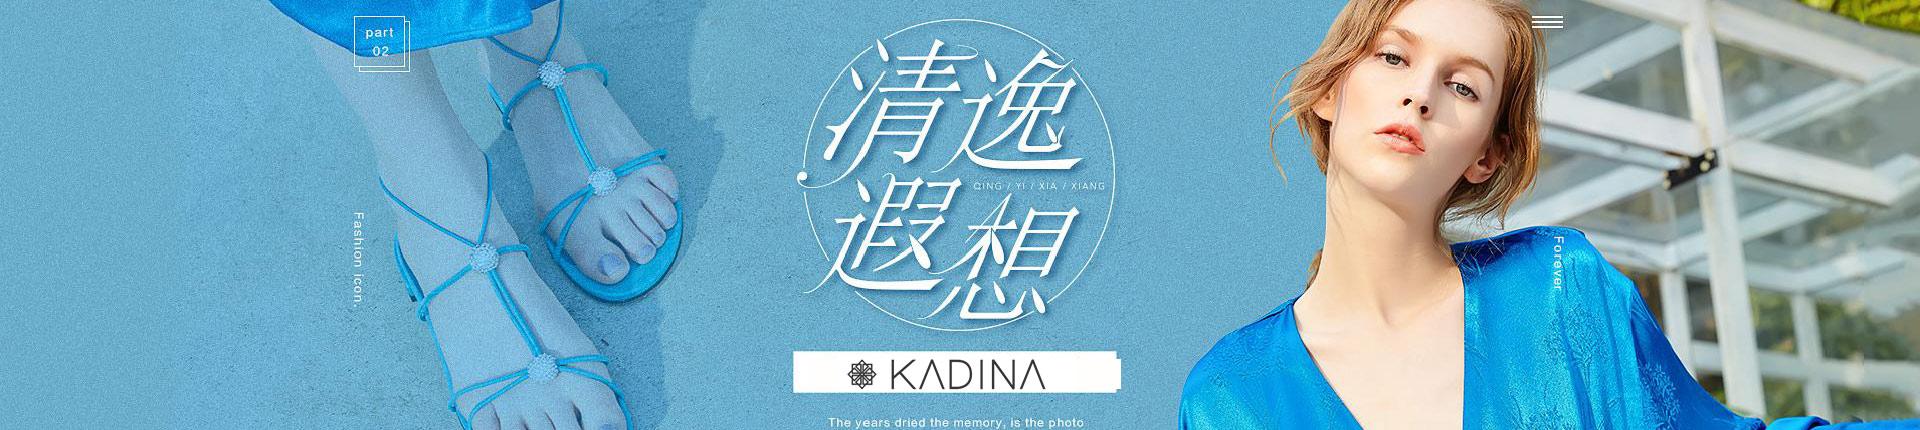 卡迪娜官方网站